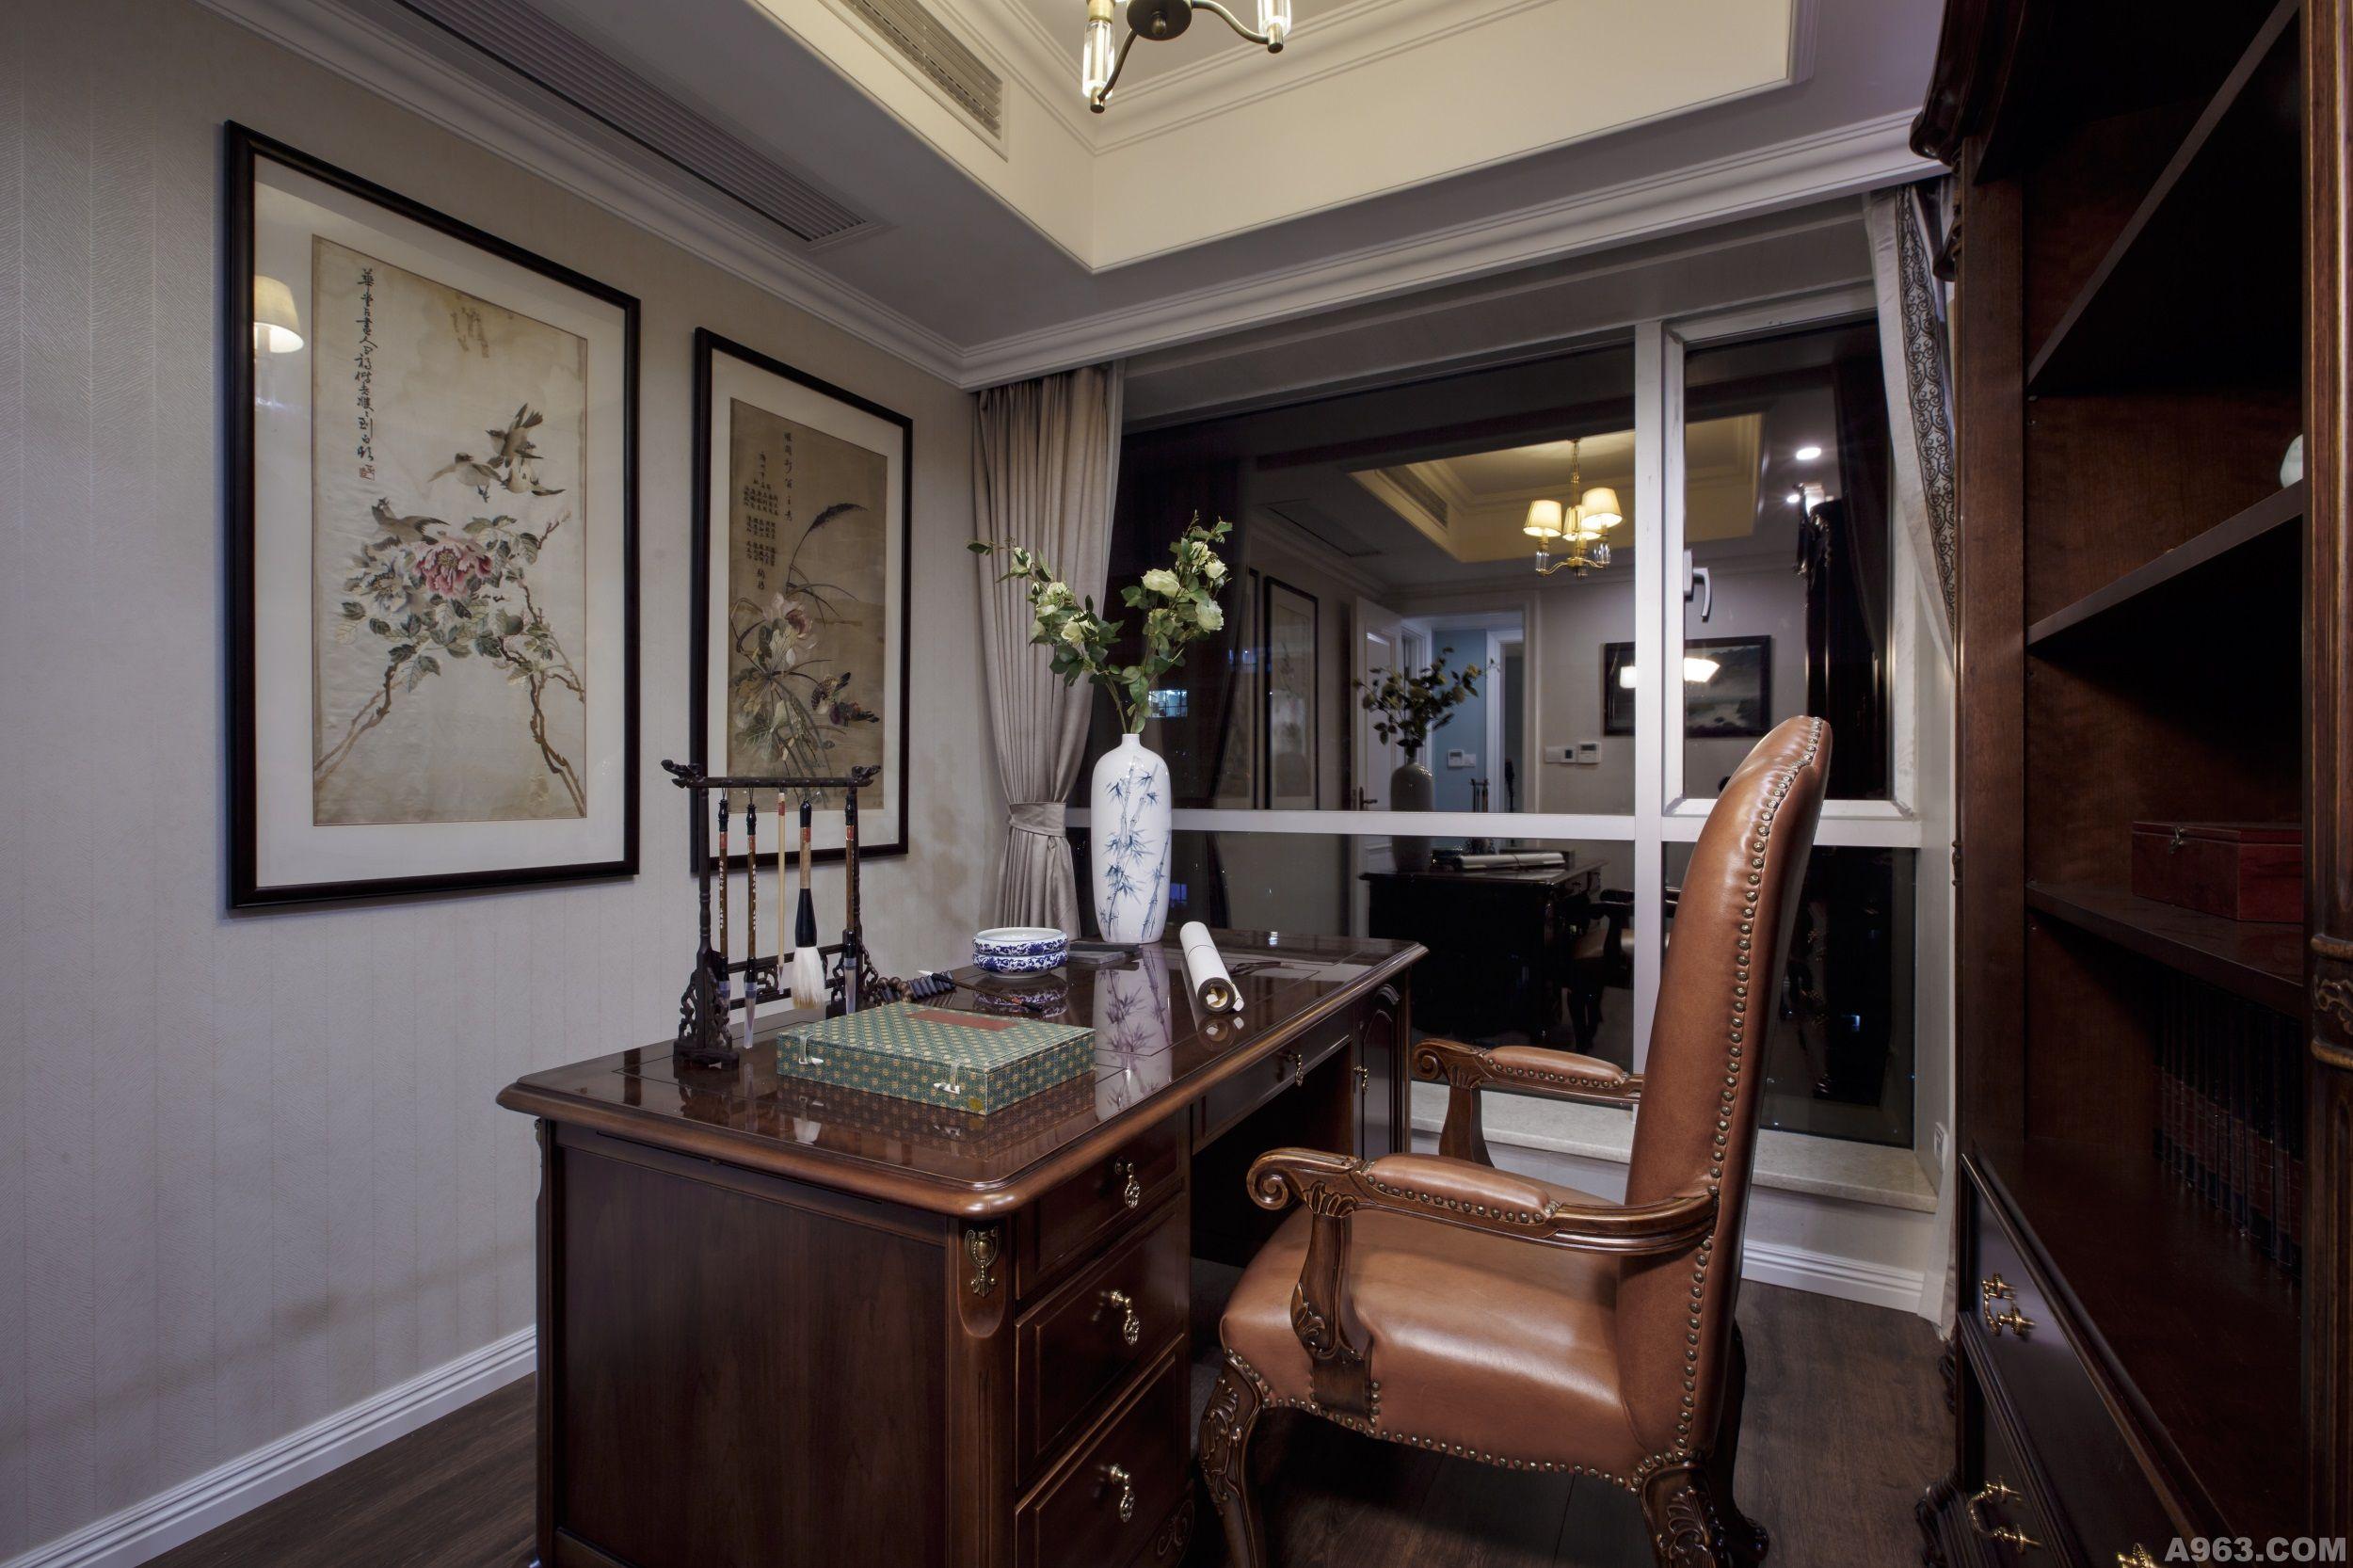 星河花园 - 公寓设计 - 宁波室内设计网_宁波室内设计